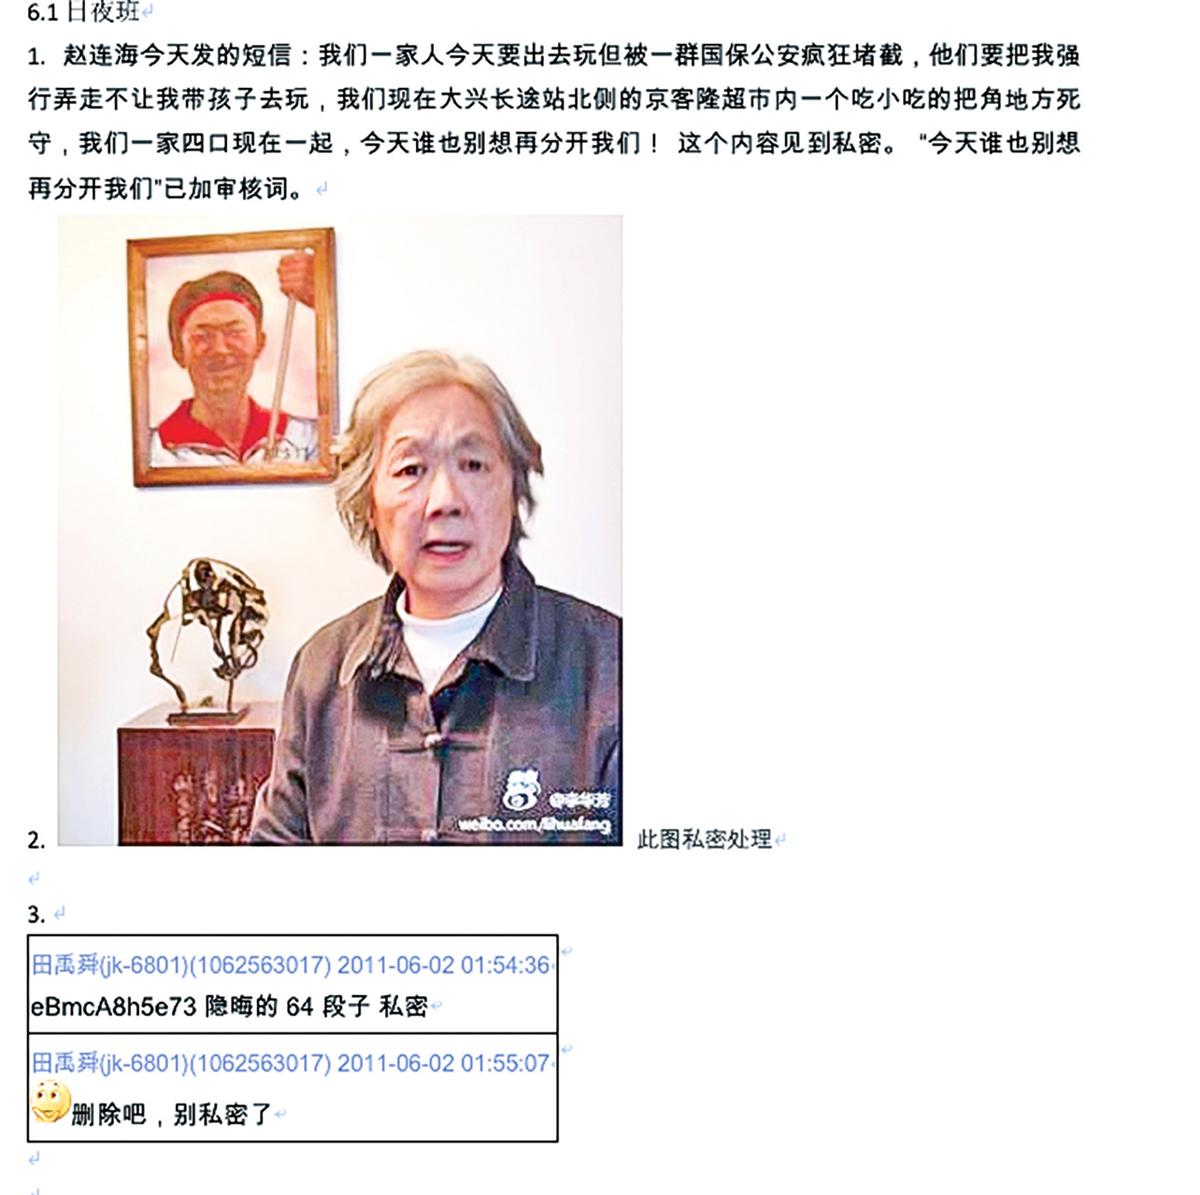 2011年6月1日新浪微博夜班審核日誌。(劉力朋提供)